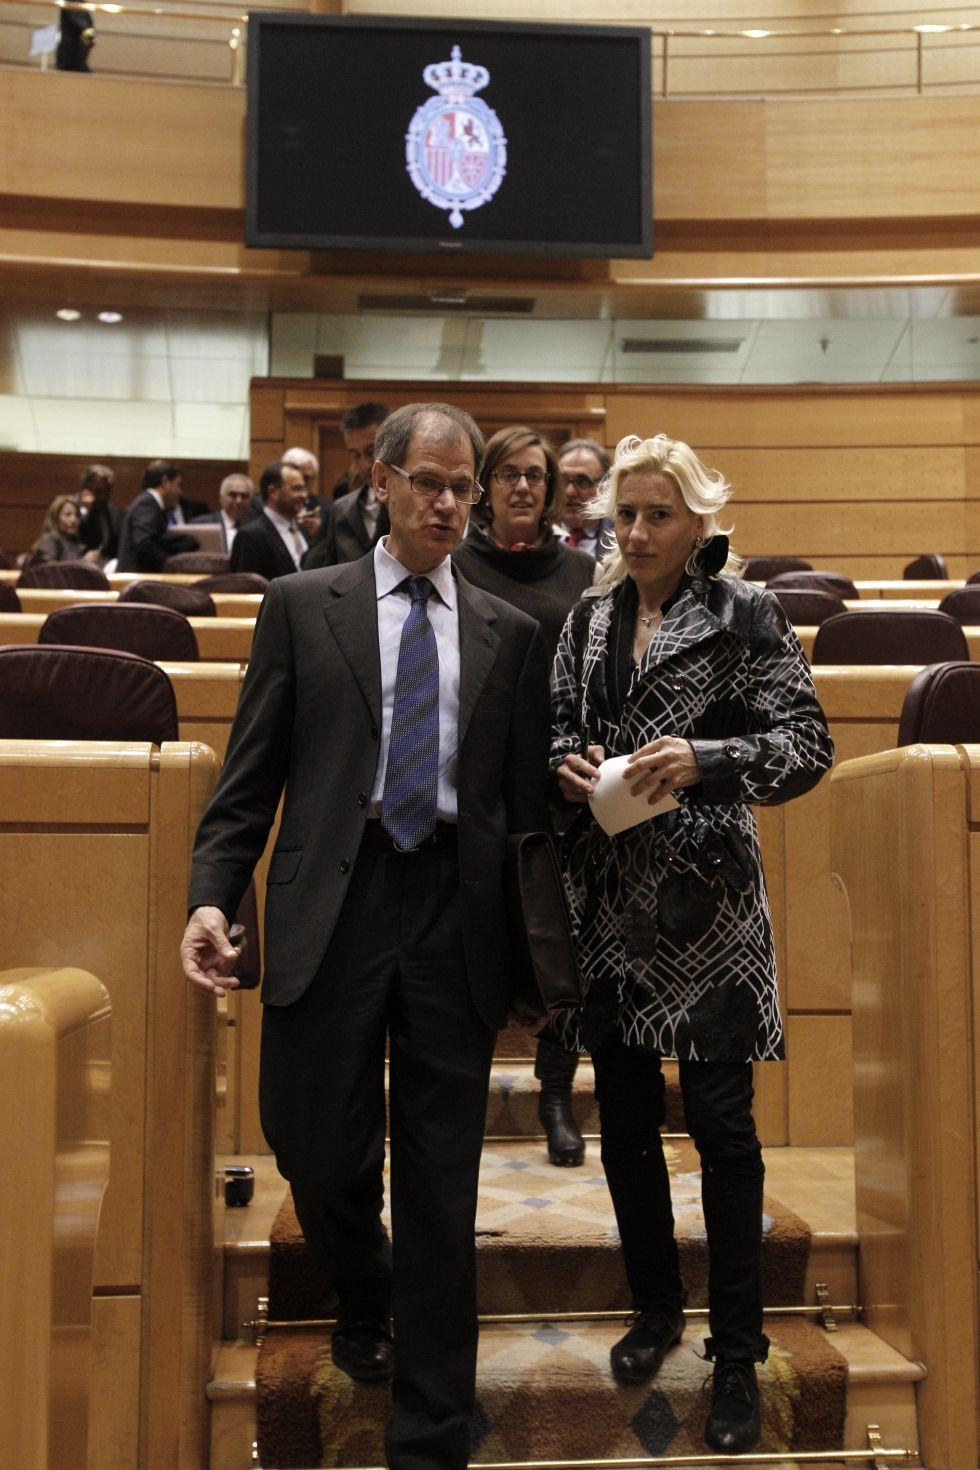 Marta tuvo que pasar un control antidopaje en el Senado